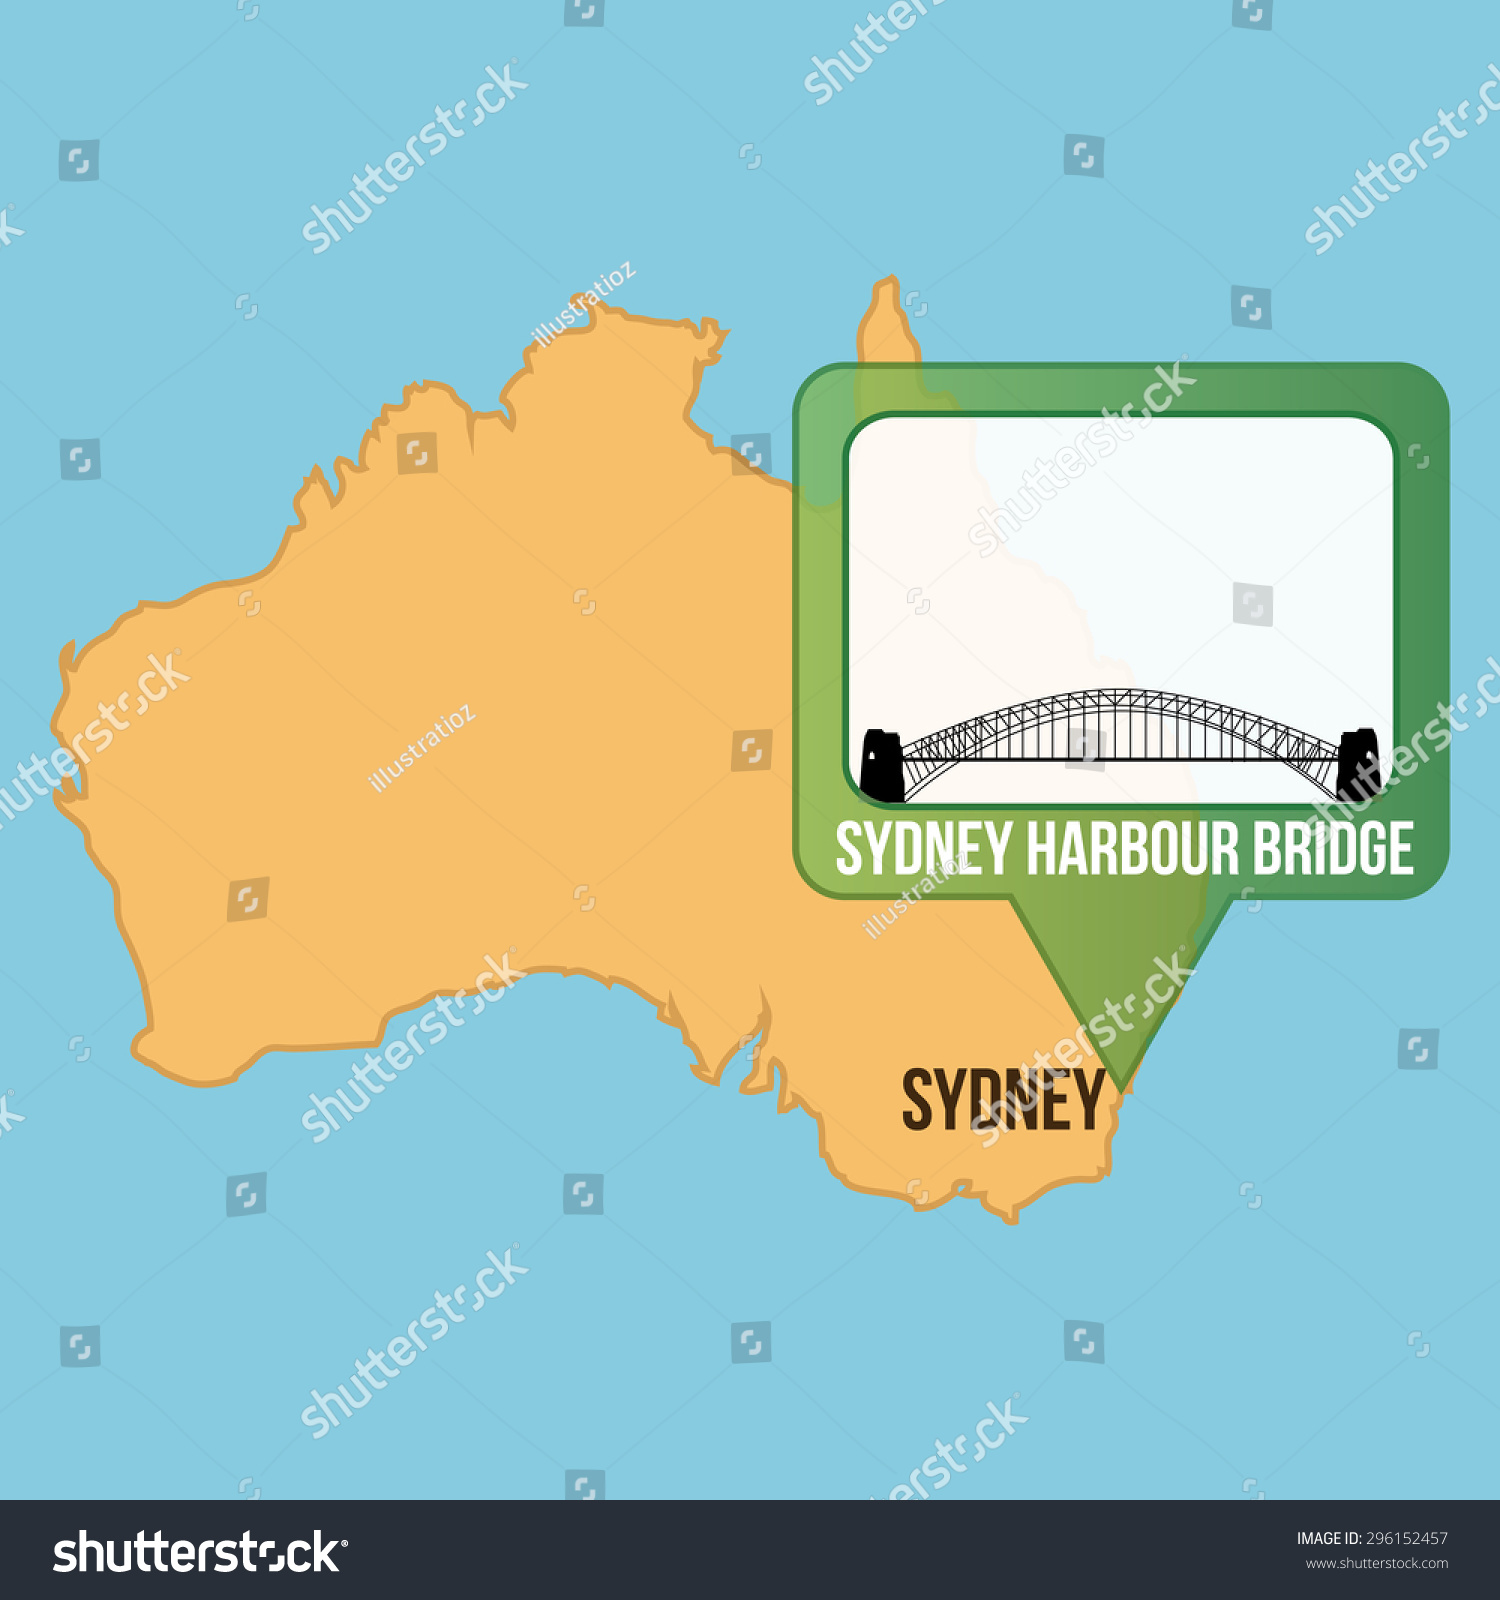 Isolated Map Australia Sydney Harbour Bridge Stock Vector 296152457